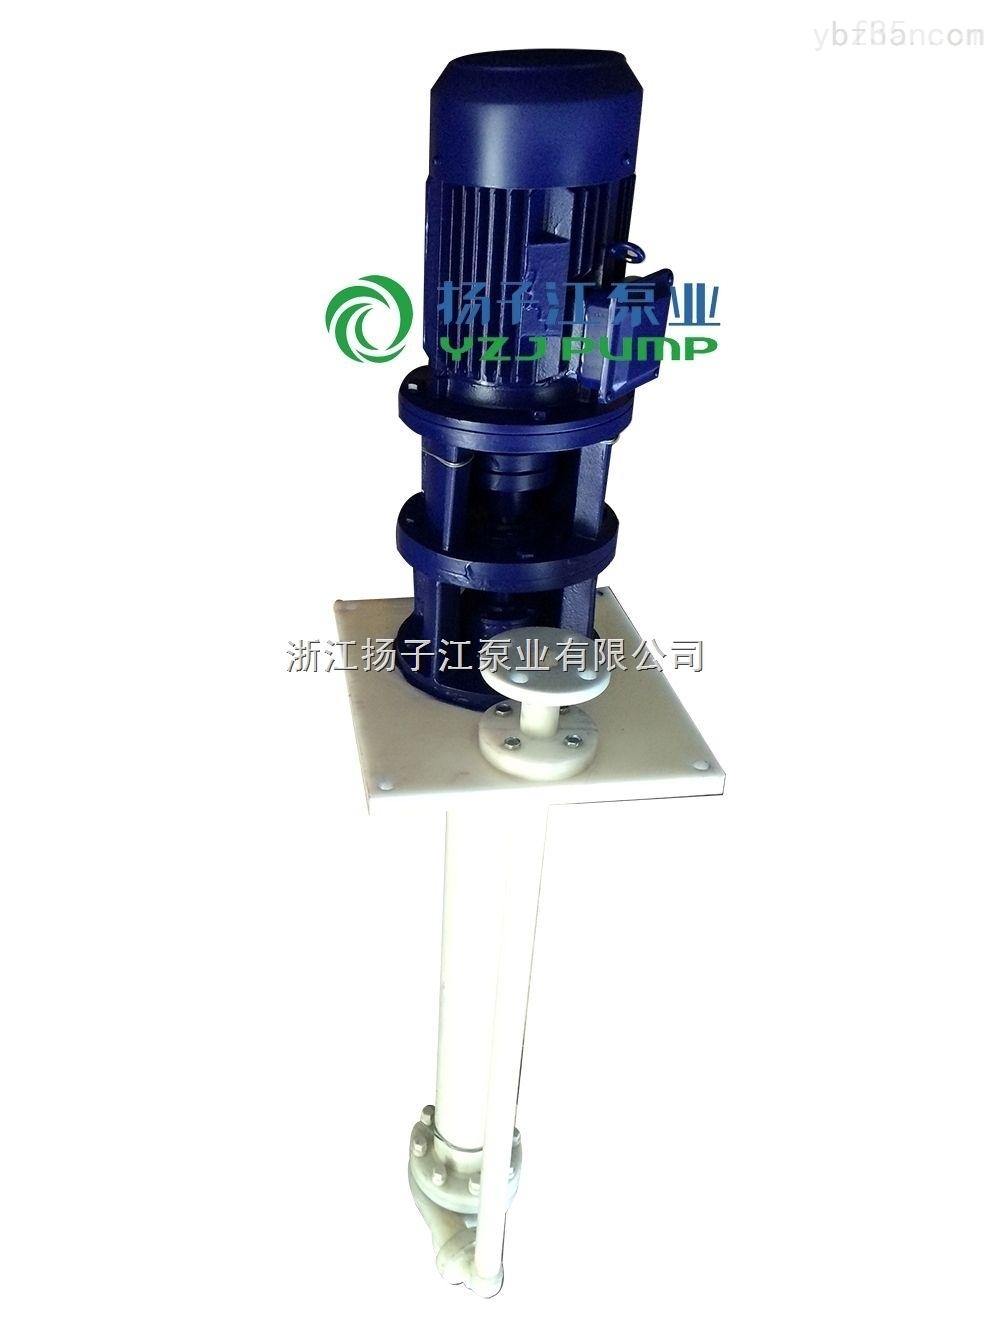 FYS塑料液下泵 聚丙烯液下泵 耐腐蚀化工液下泵 80FYS-20